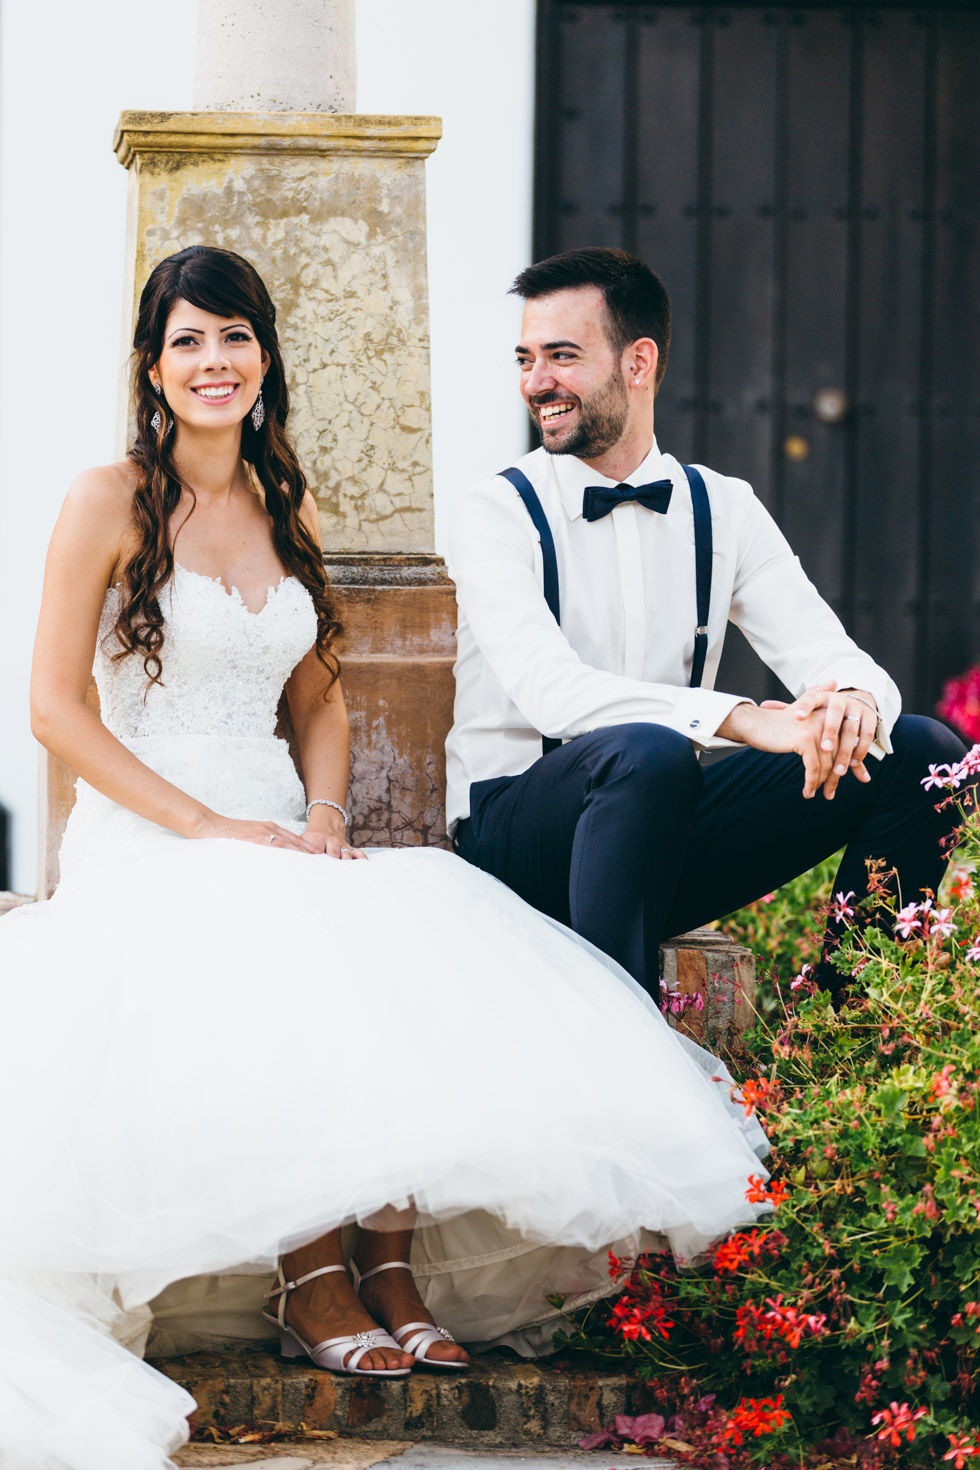 fotografo bodas marbella-12